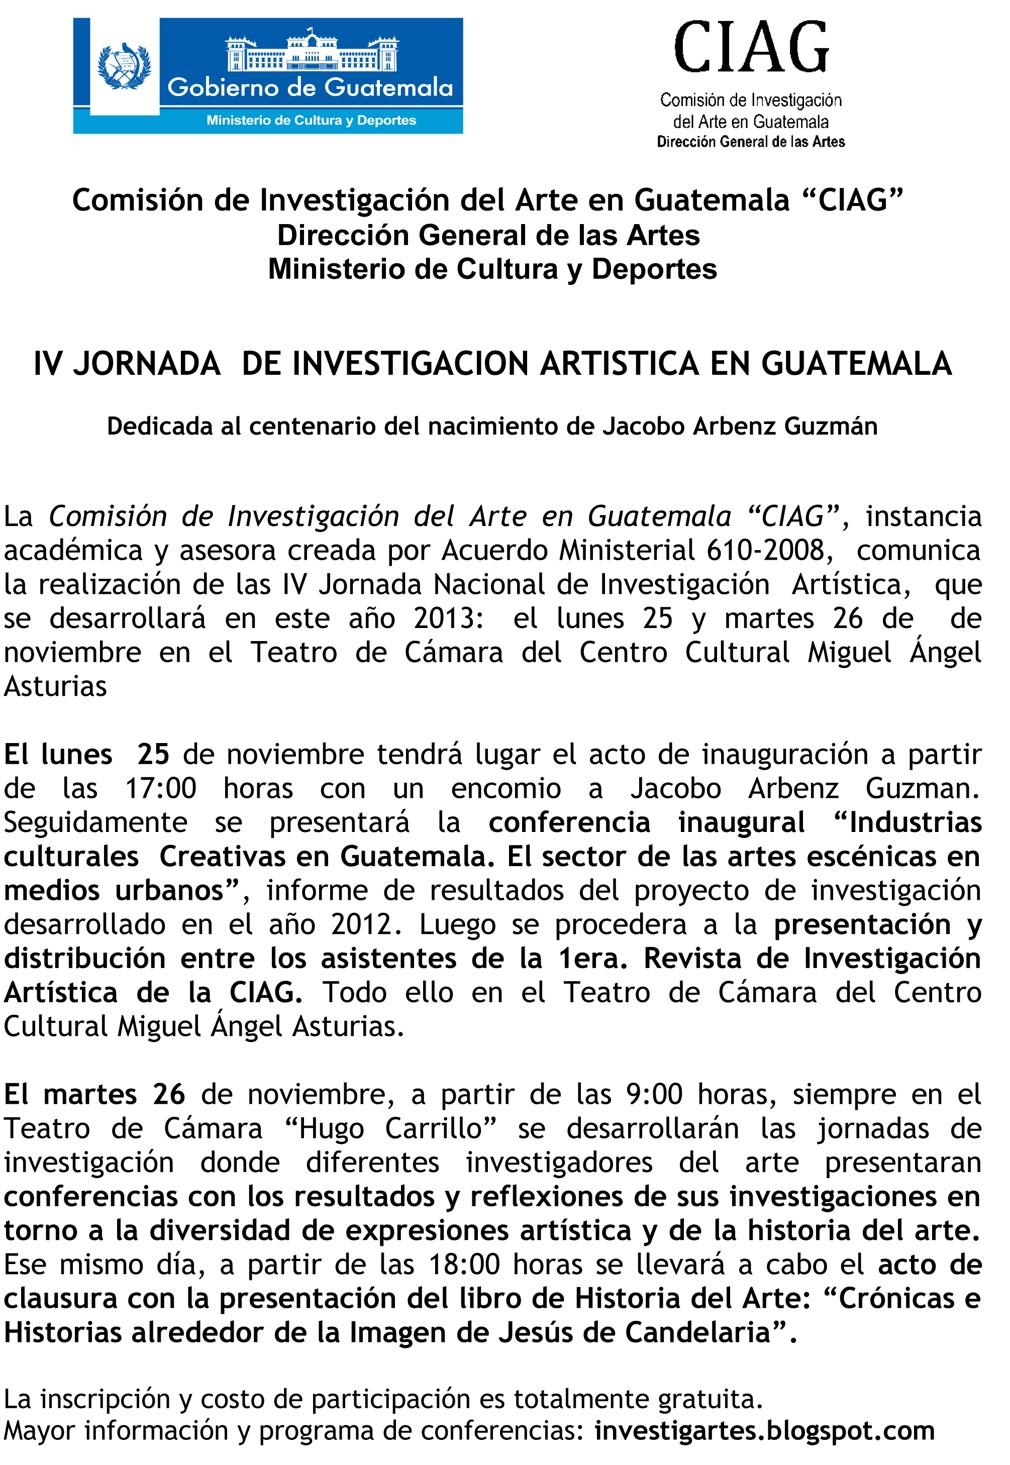 Boletín de prensa IV Jornada de Investigación Artística copy